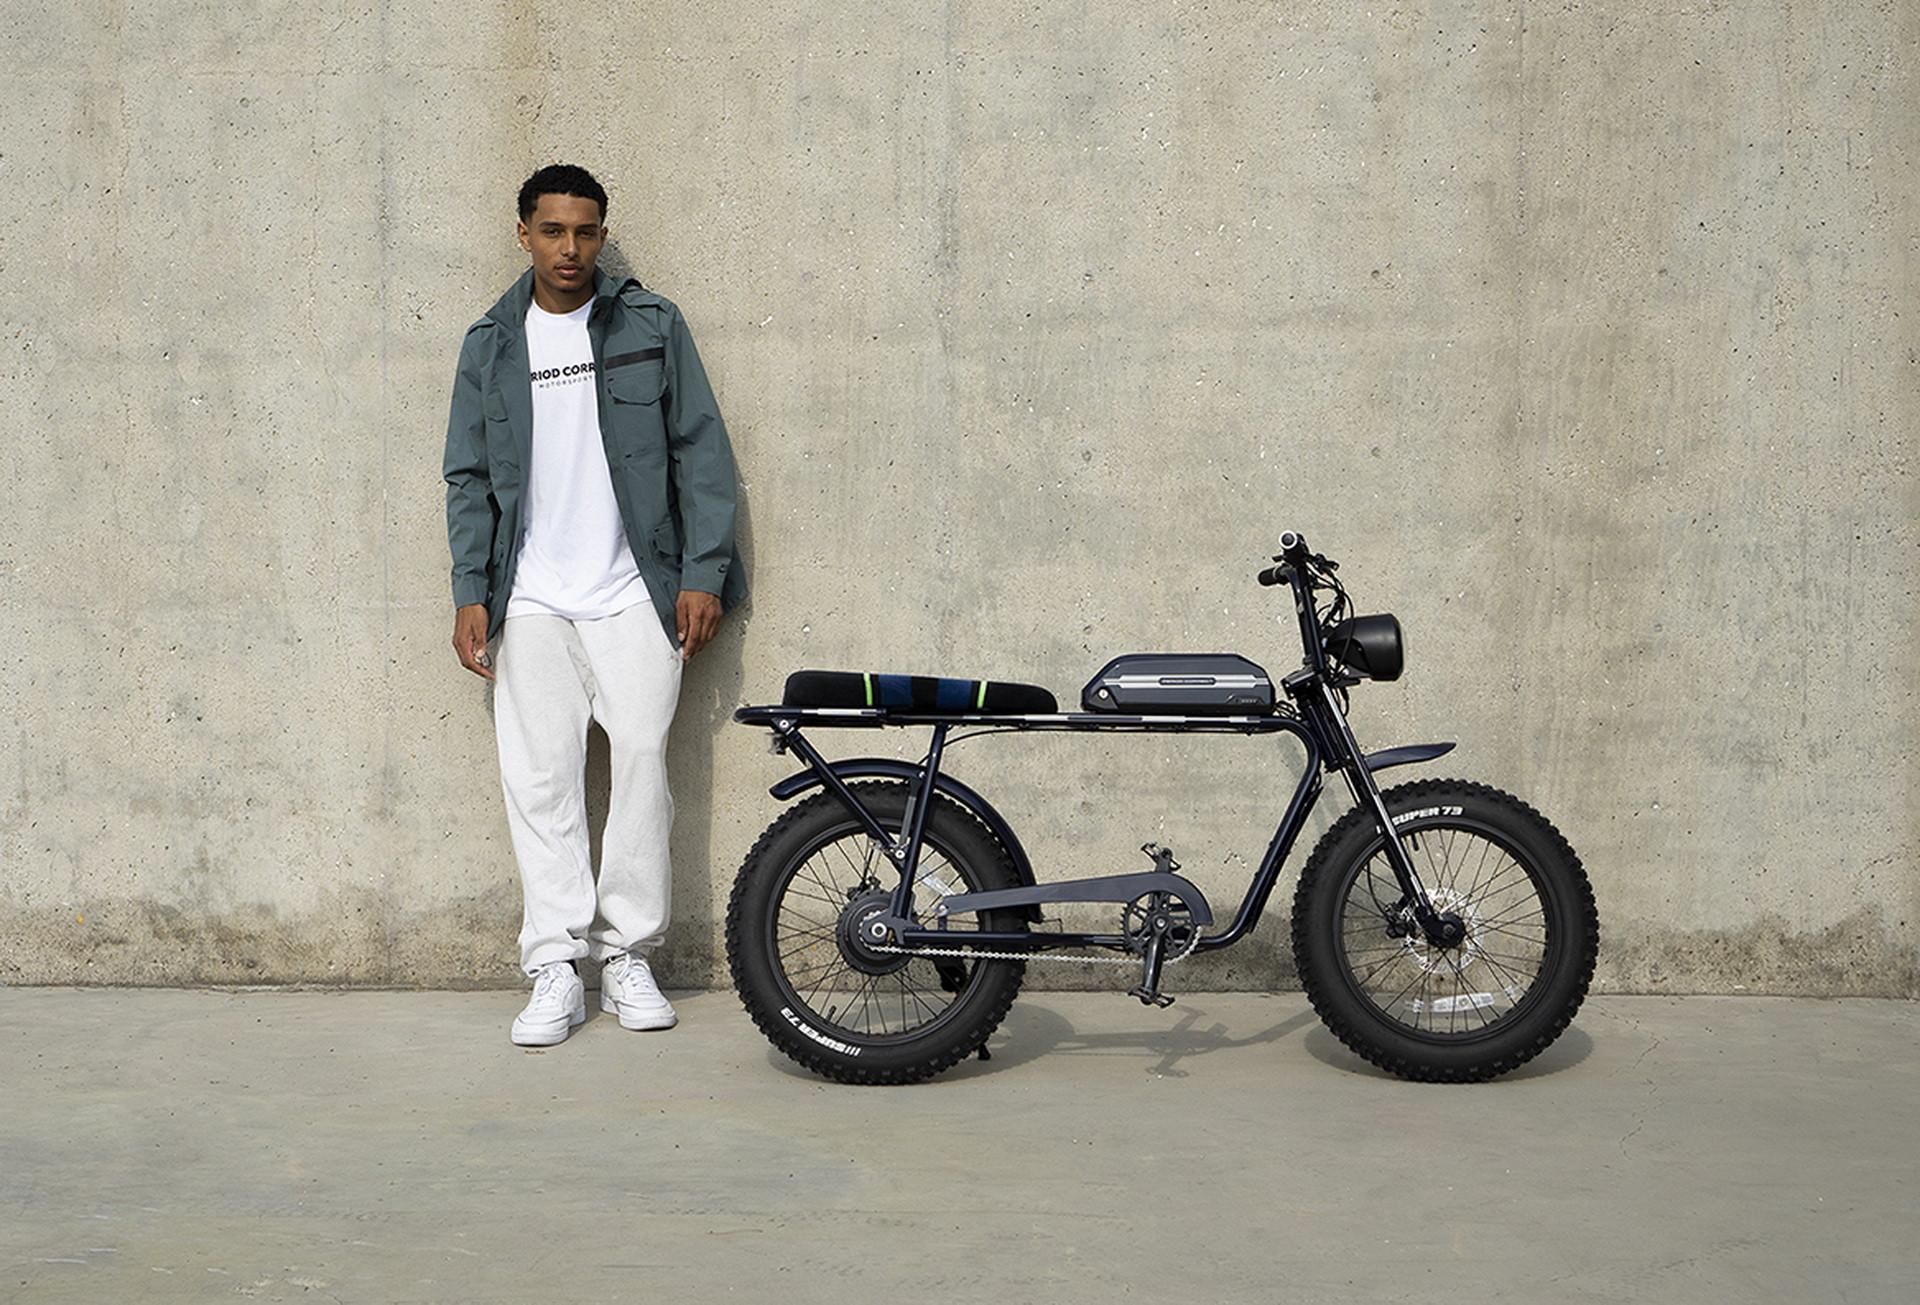 Mẫu xe đạp điện với thiết kế phá cách